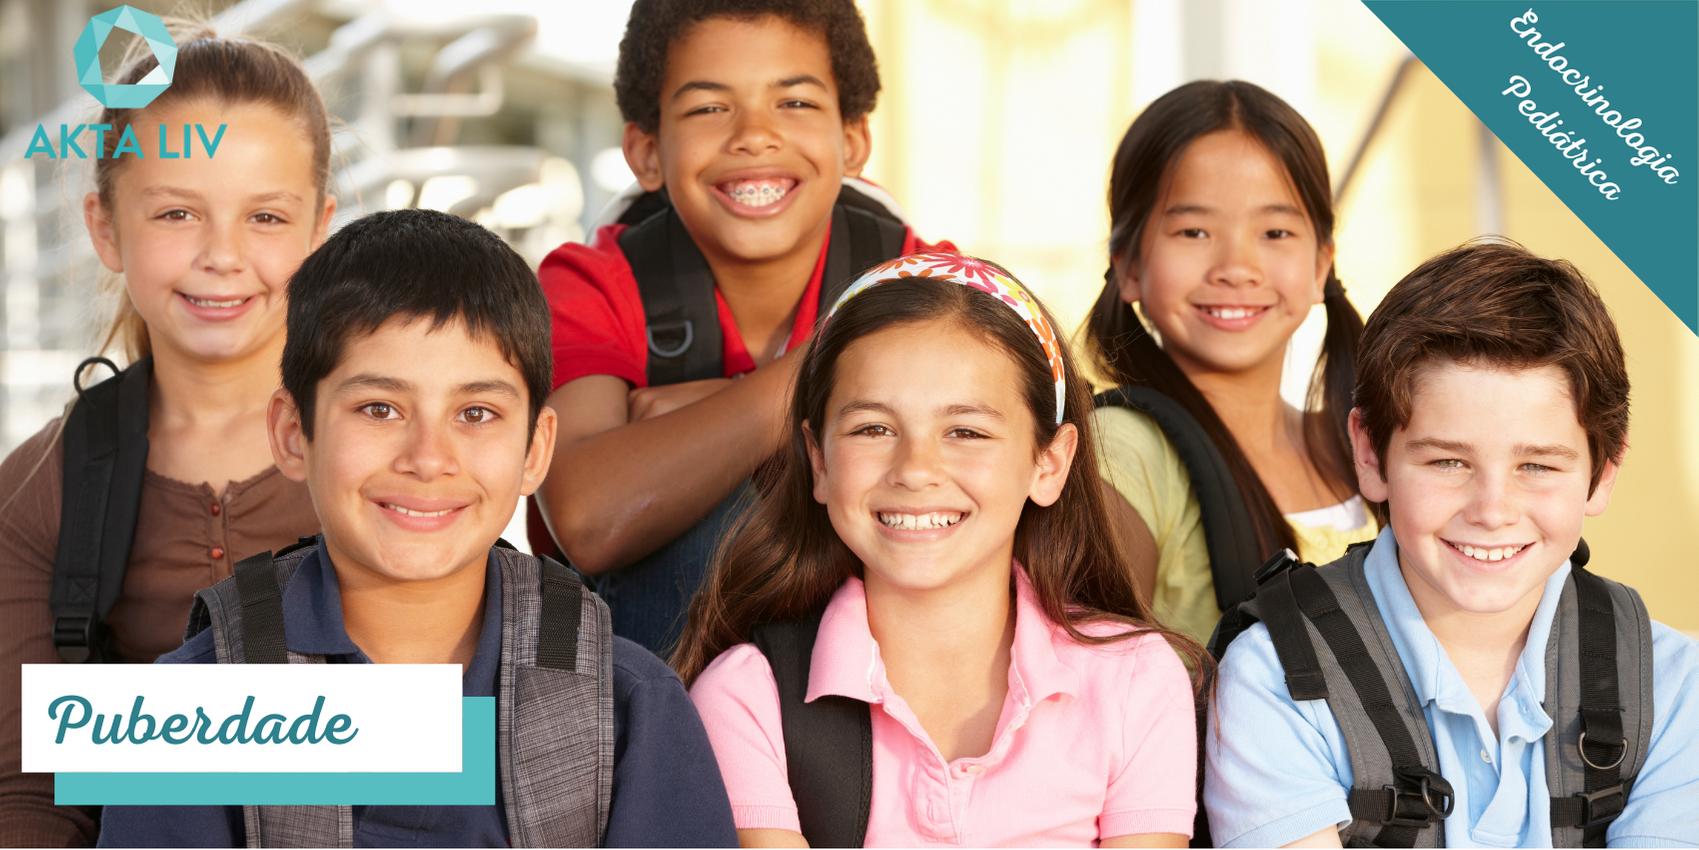 Grupo de pré adolescentes na puberdade sorrindo